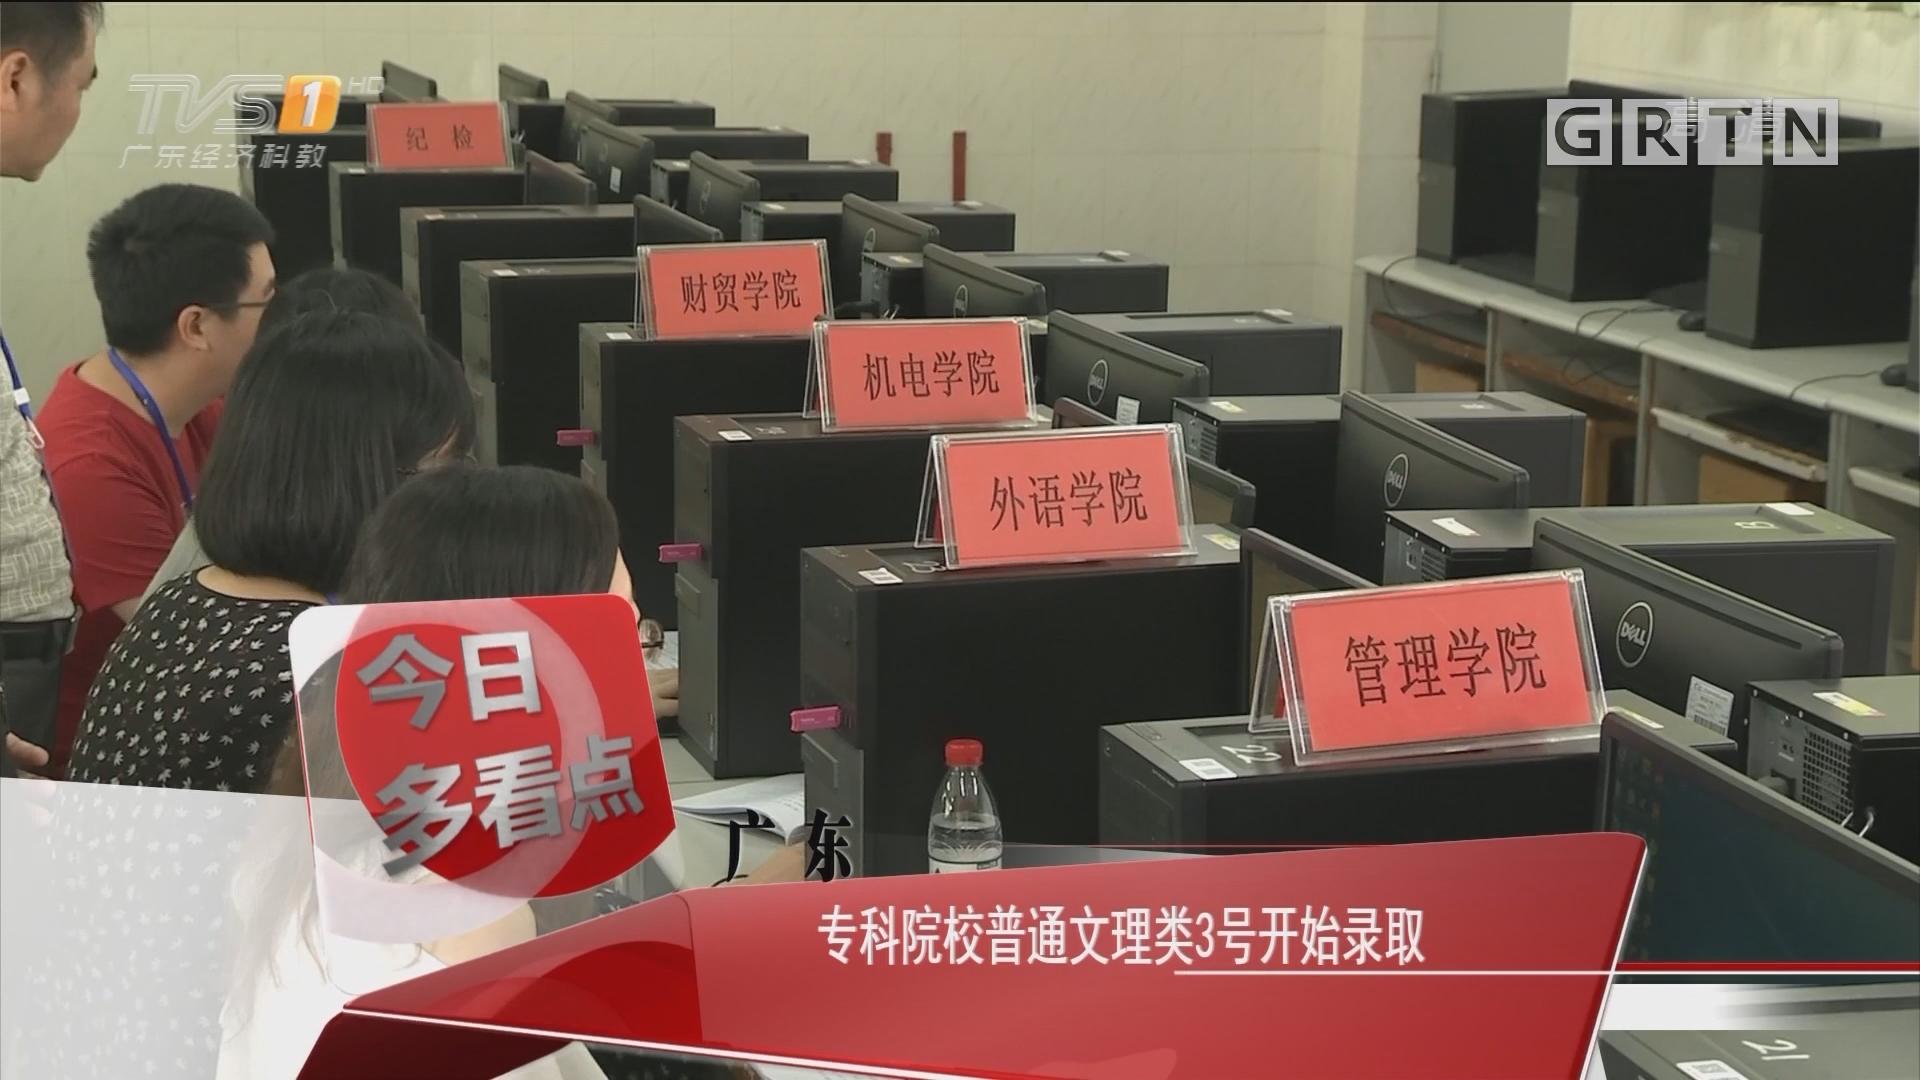 广东:专科院校普通文理类3号开始录取